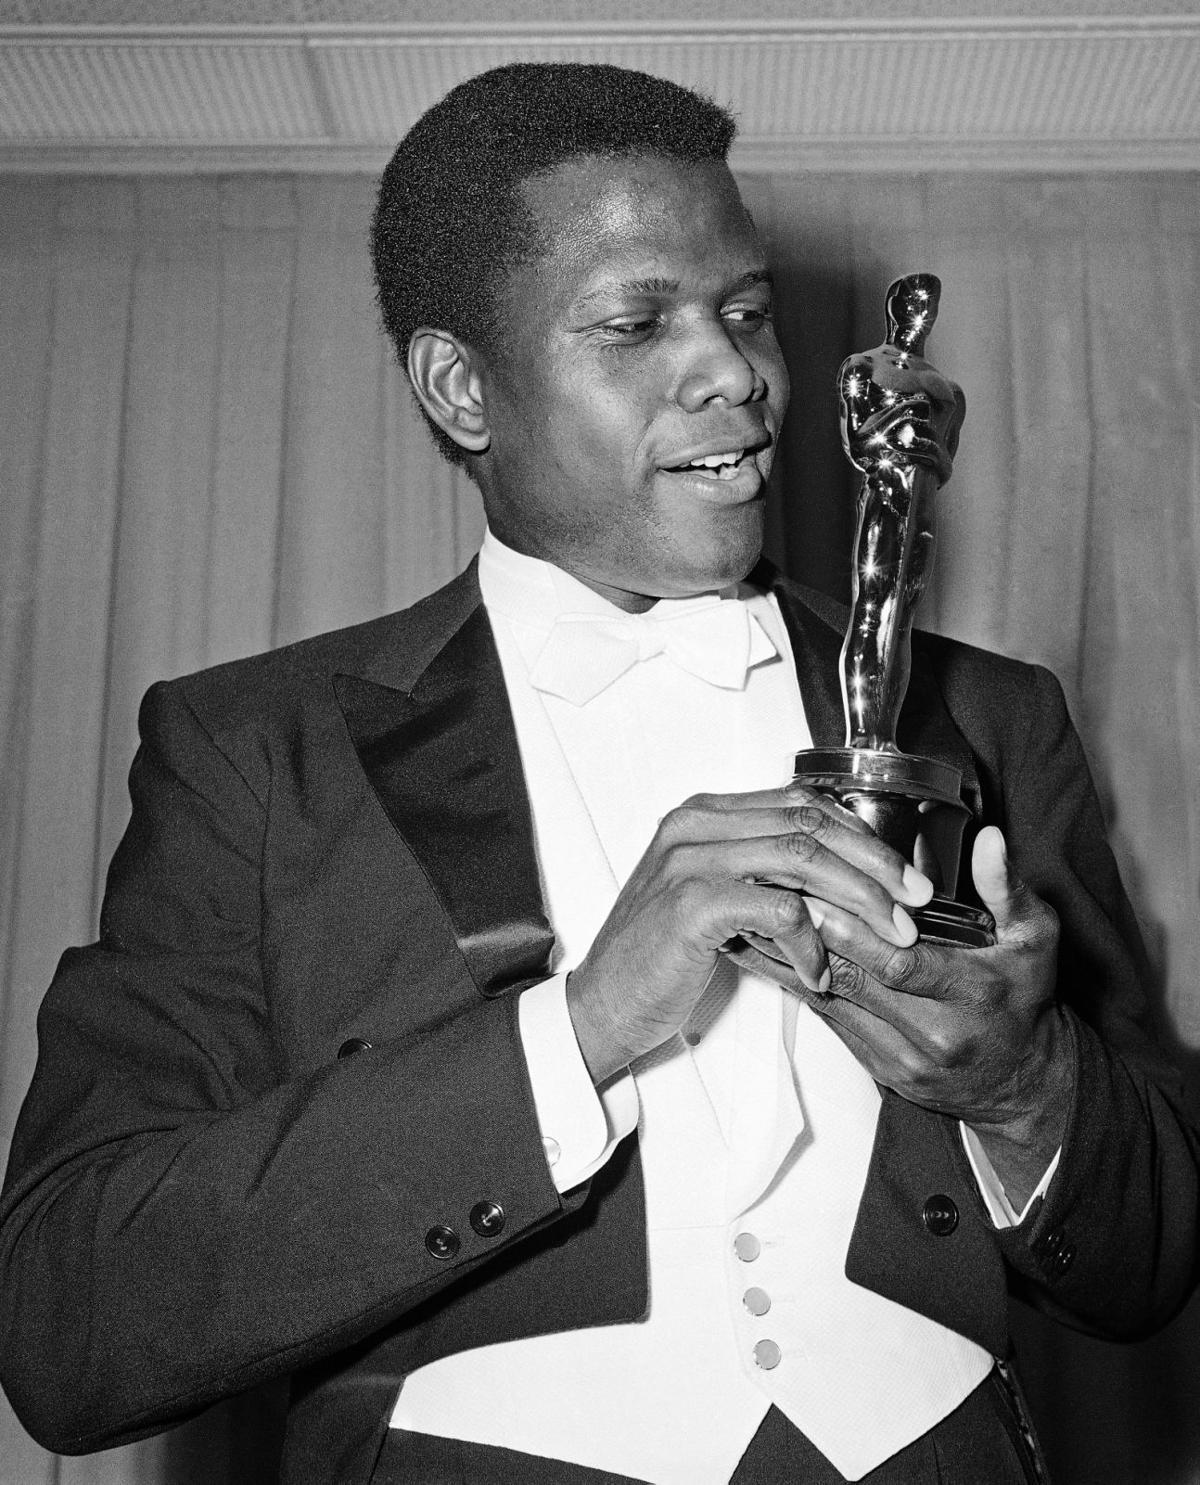 36th Annual Academy Awards